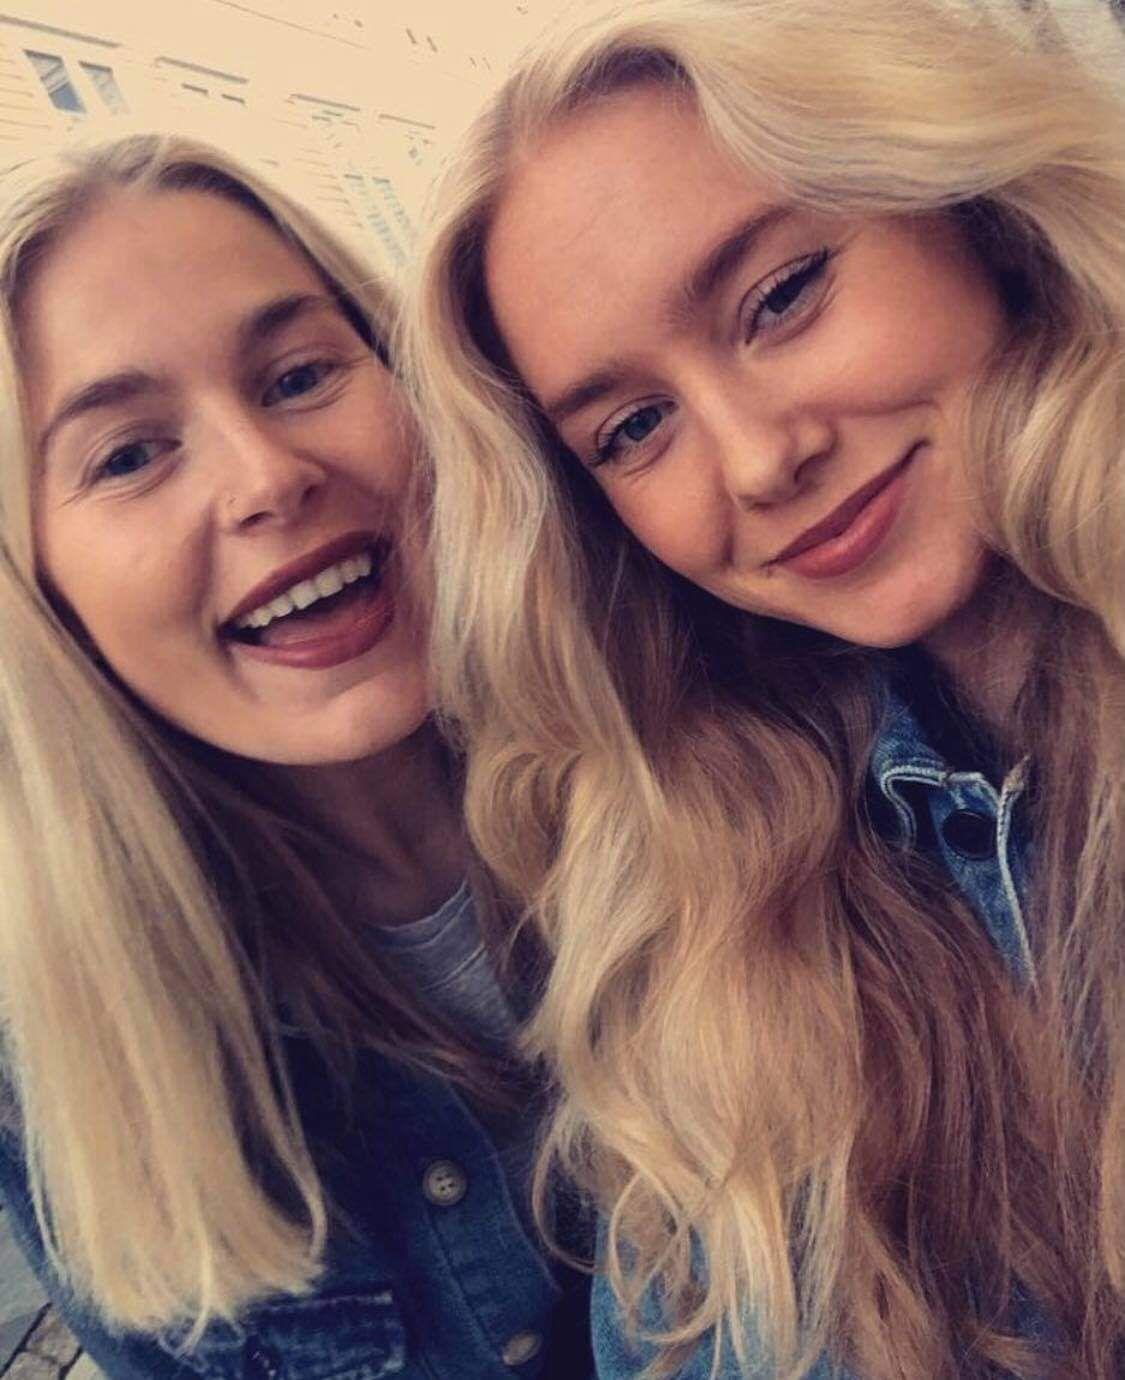 FORNØYDE: Emilie og Amanda lærte mye om valg av megler etter to salgsprosesser.